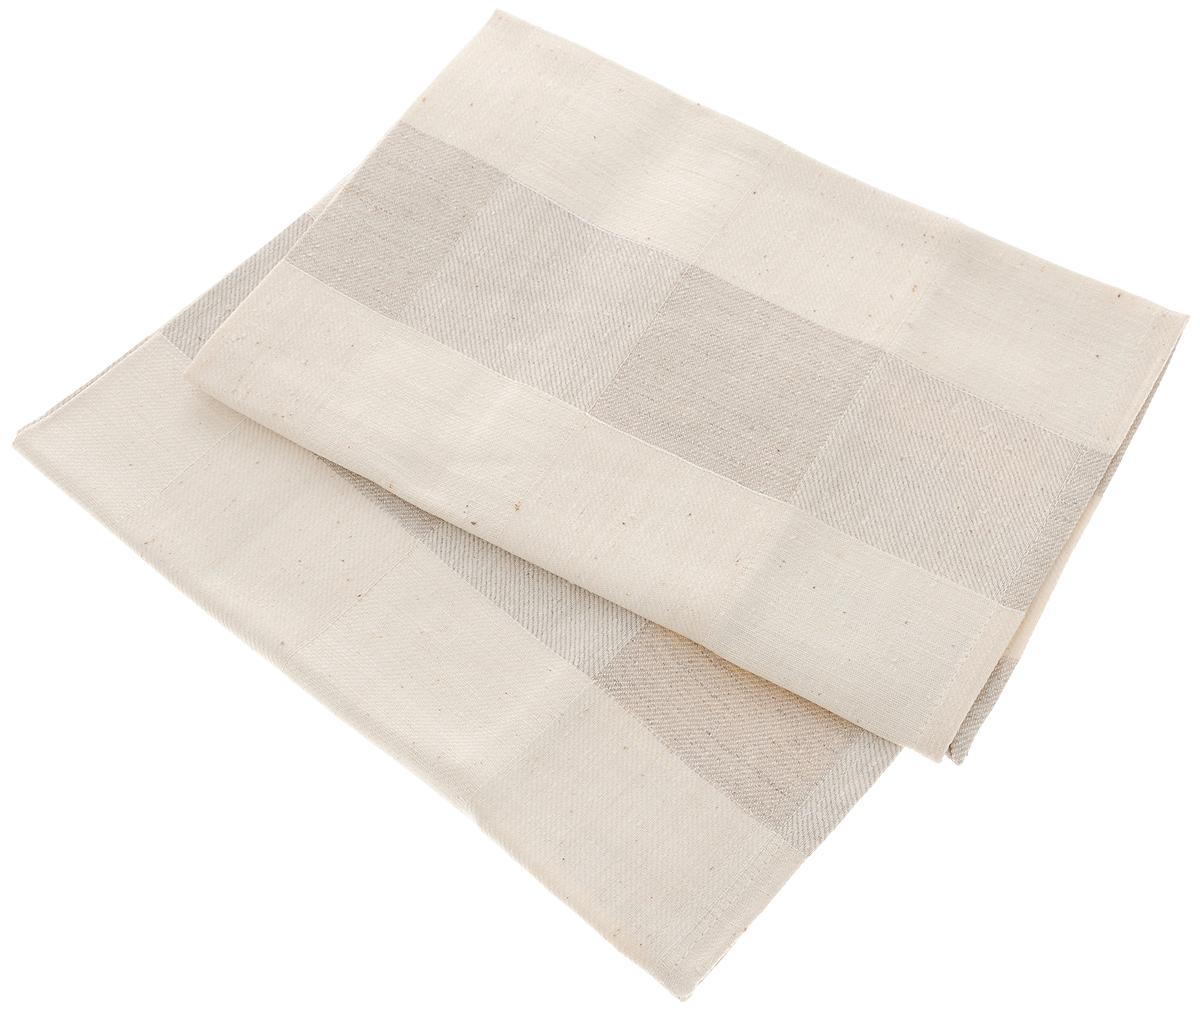 Полотенце в сауну Гаврилов-Ямский Лен, 45 x 55 см, 2 шт1со2959Полотенце Гаврилов-Ямский Лен, выполненное из 54% хлопка и 46% льна, отлично подойдет для сауны.Лён - поистине, уникальный экологически чистый материал. Изделия из льна обладают уникальными потребительскими свойствами. Такое полотенце порадует вас невероятно долгим сроком службы.В комплекте 2 полотенца.